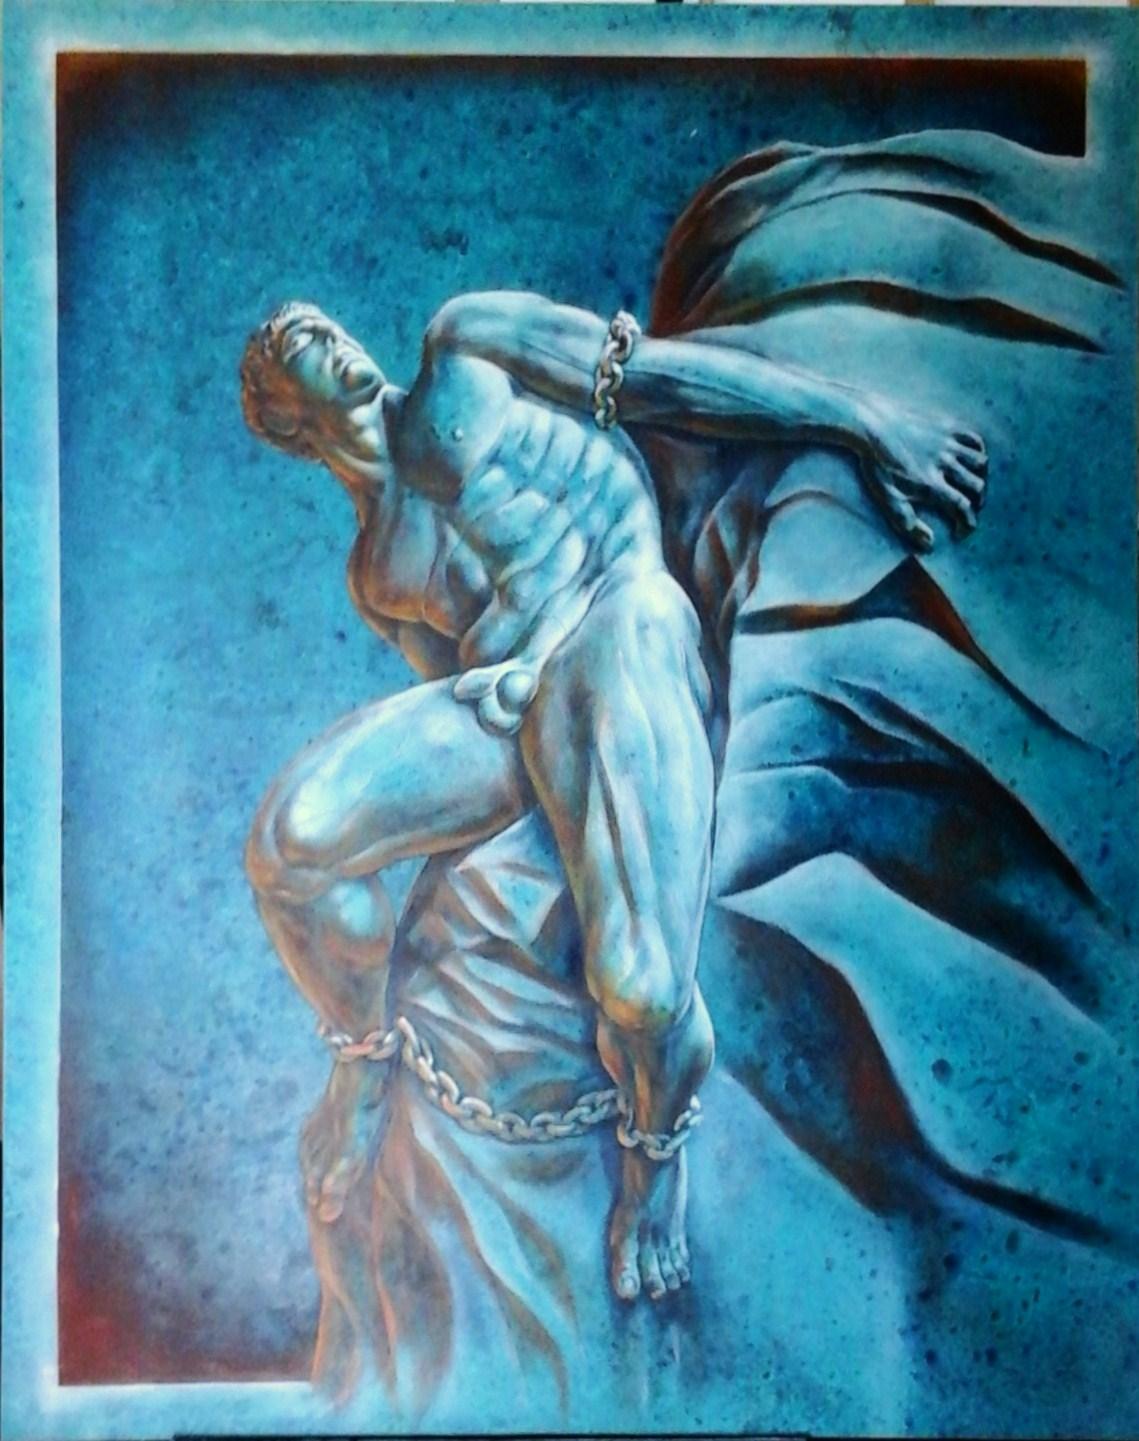 Prometheus - Edward van den Berg